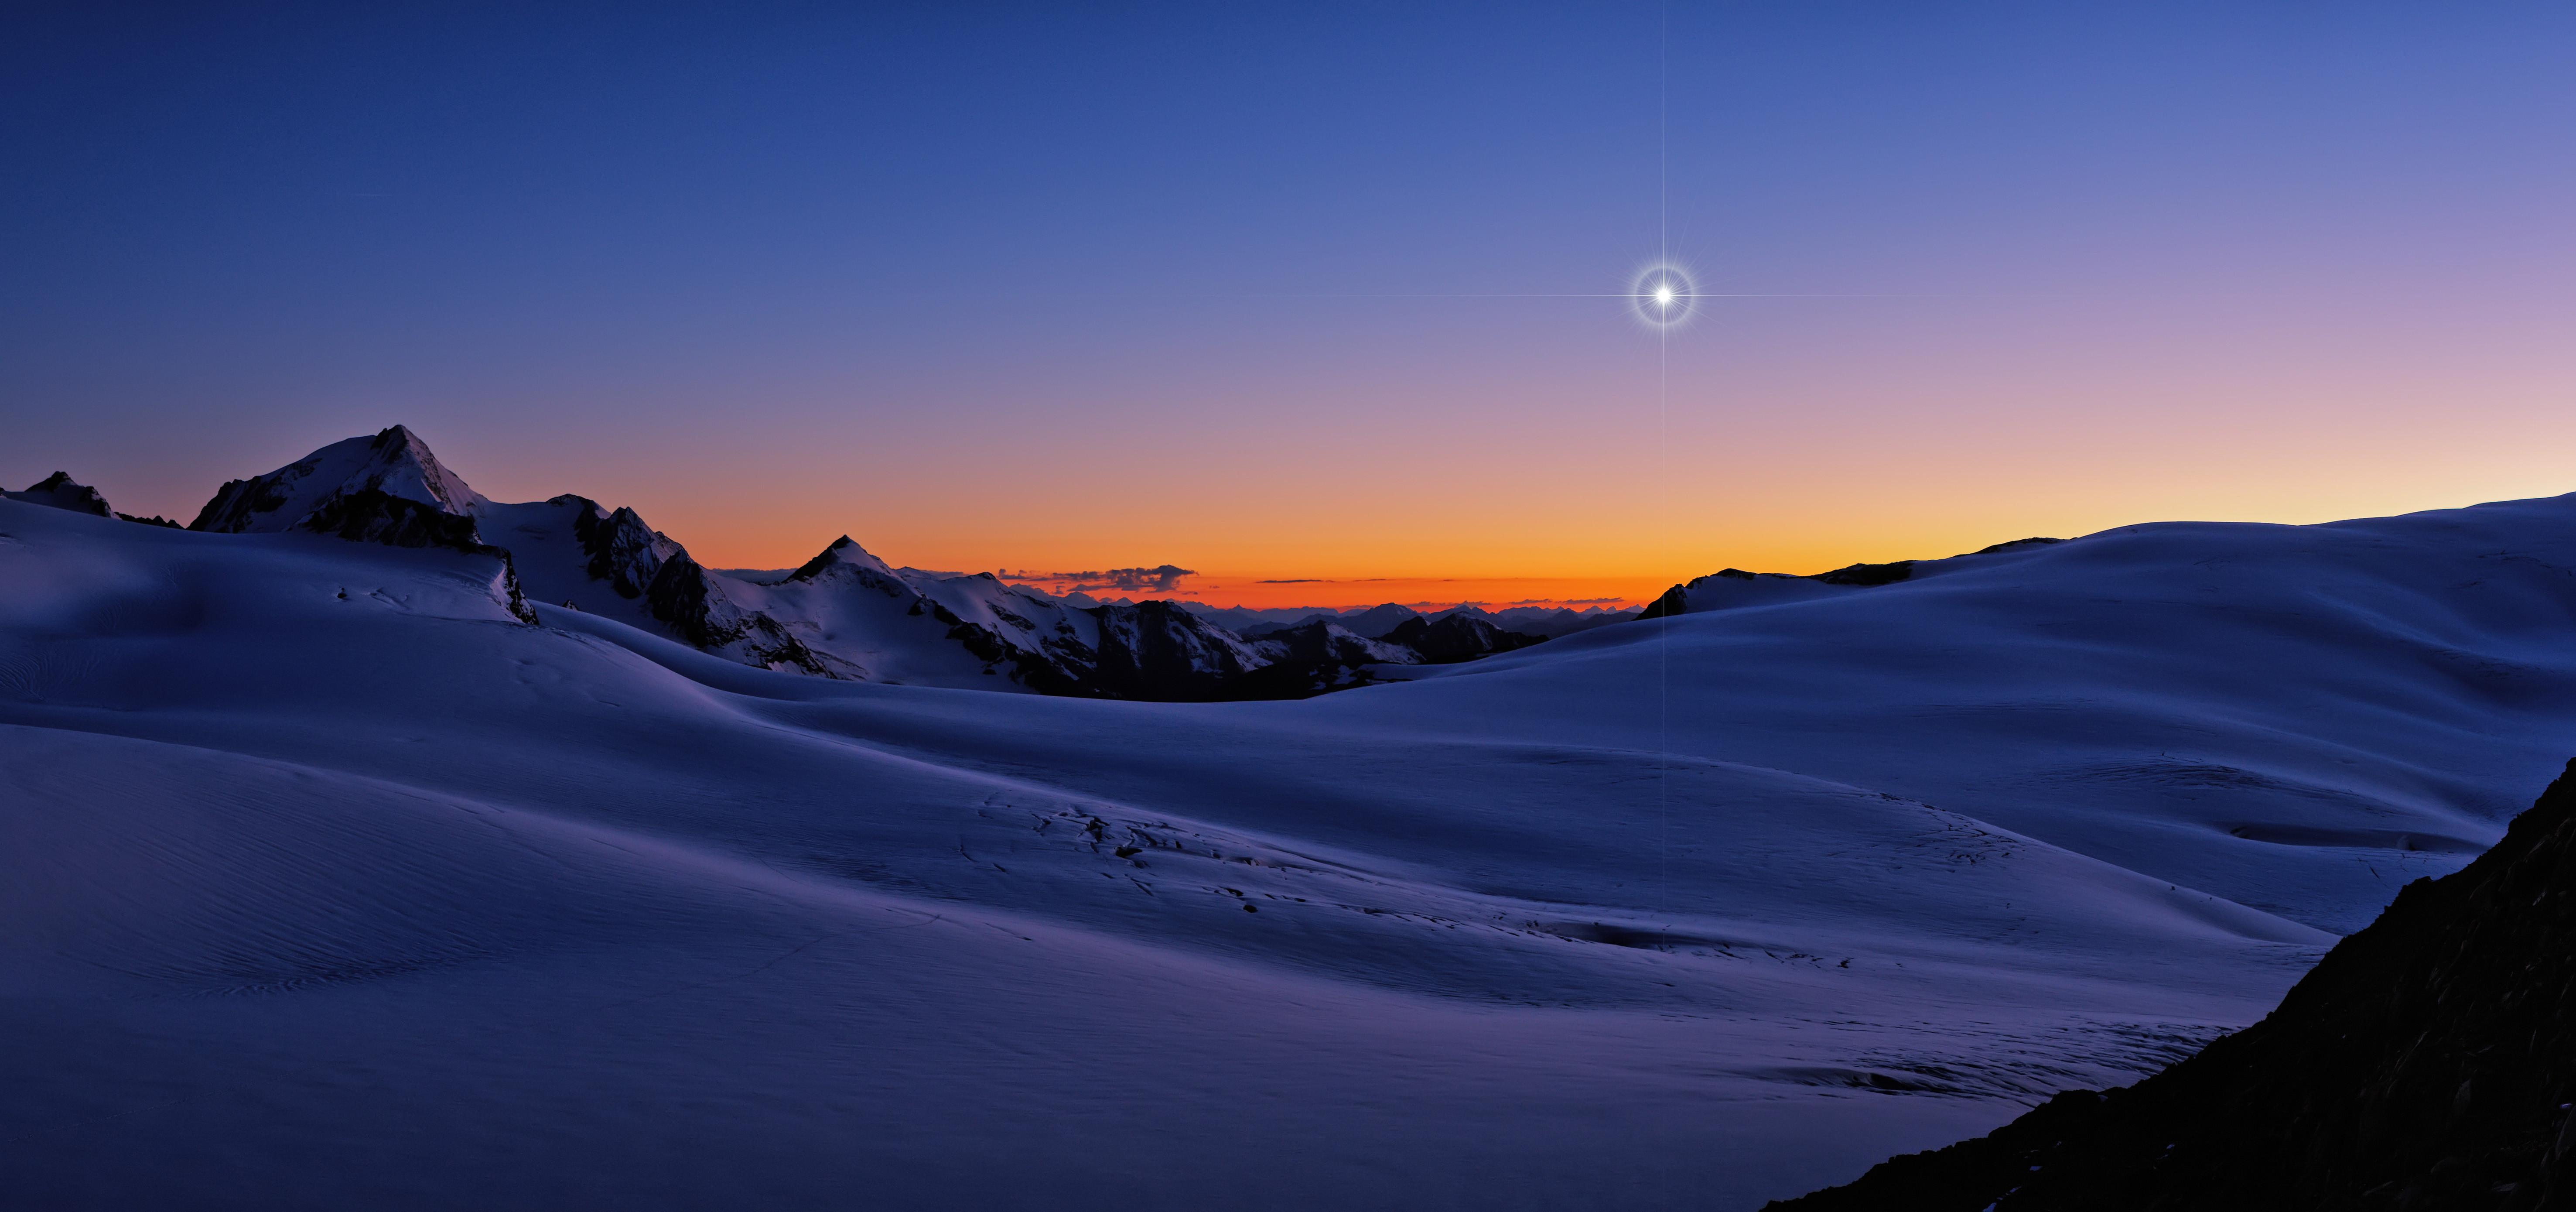 Alpenverein_Gletscherbericht-12-13_Gepatschferner_N-Span